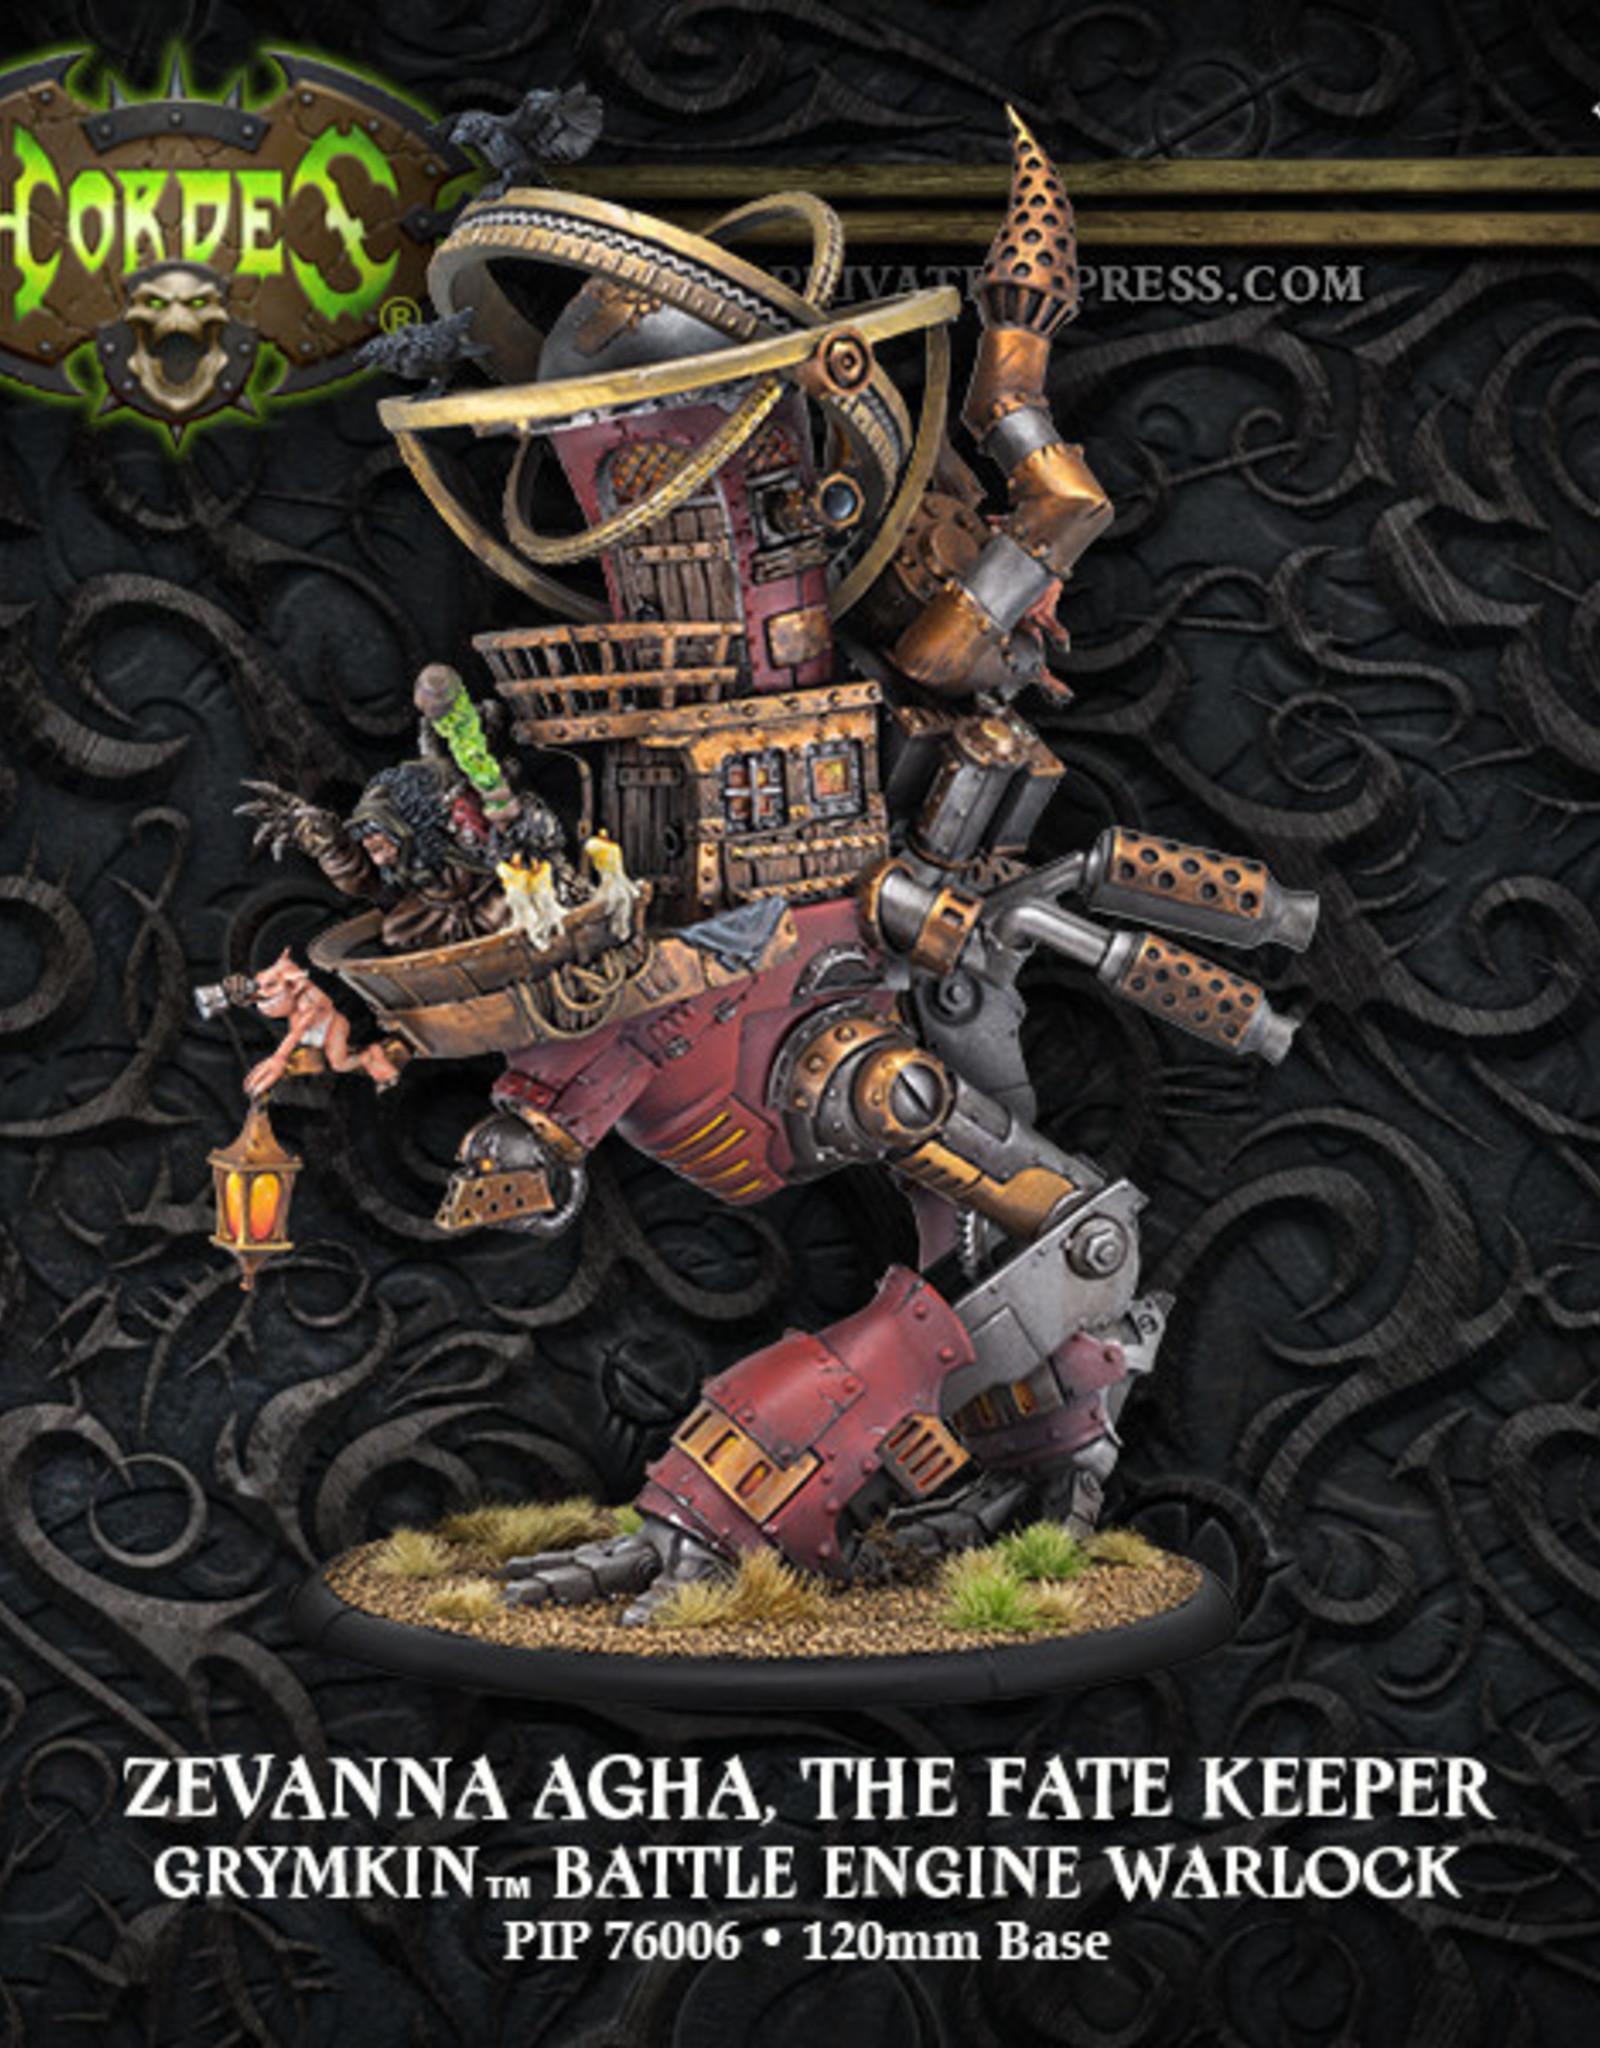 Hordes Grymkin - Zevanna Agha The Fate Keeper